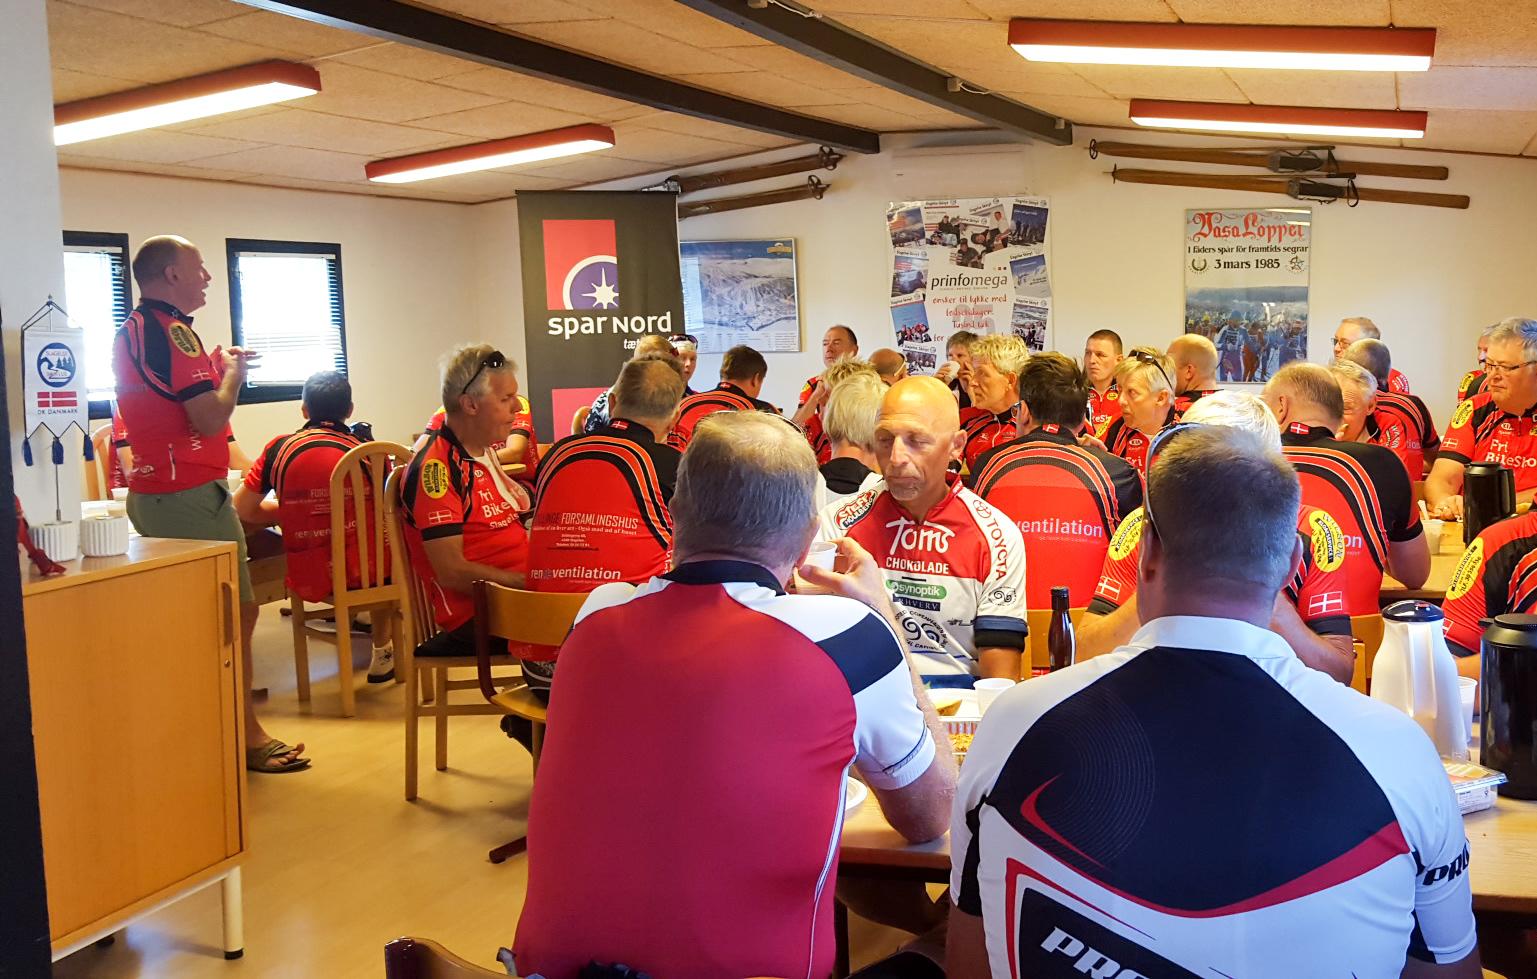 2015-08-23 sponsortur004